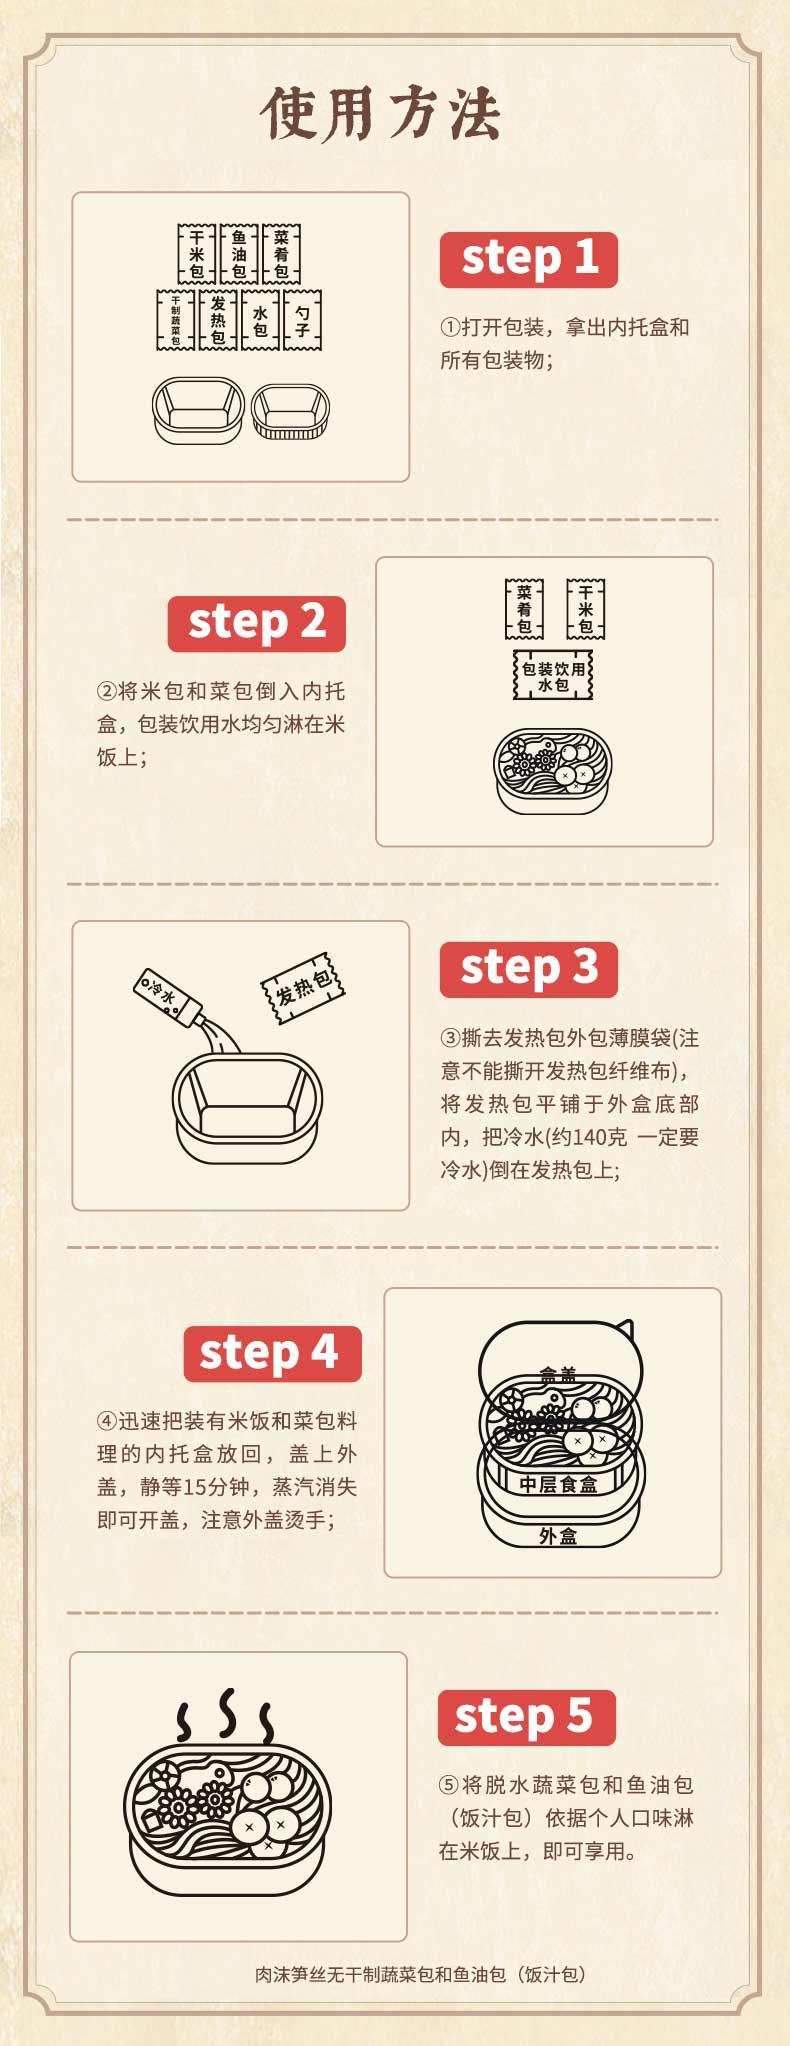 小岳岳代言 锅圈食汇 自热米饭2盒 图8